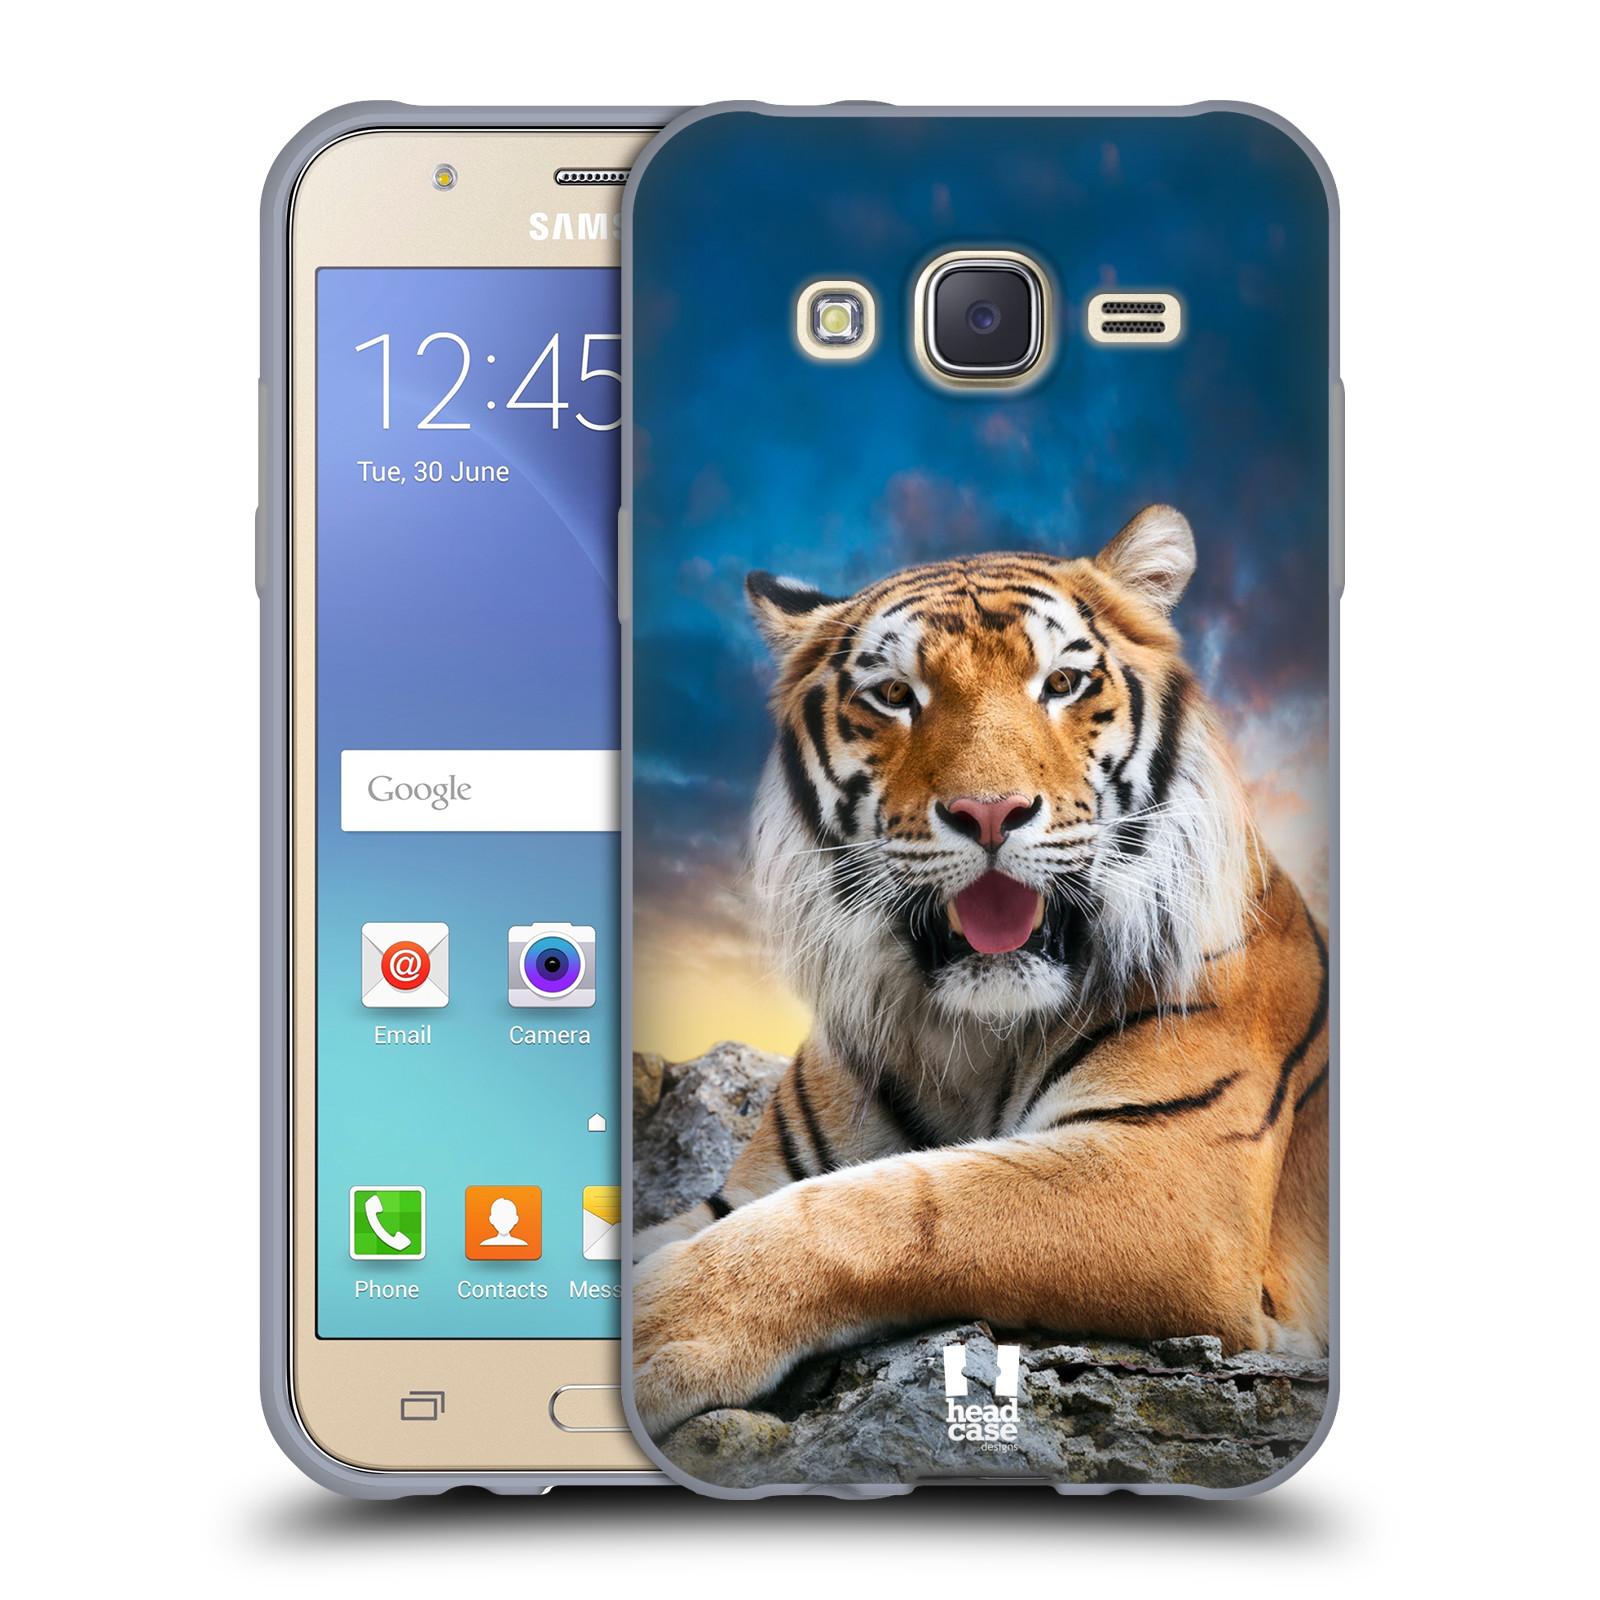 HEAD CASE silikonový obal na mobil Samsung Galaxy J5, J500, (J5 DUOS) vzor Divočina, Divoký život a zvířata foto TYGR A NEBE